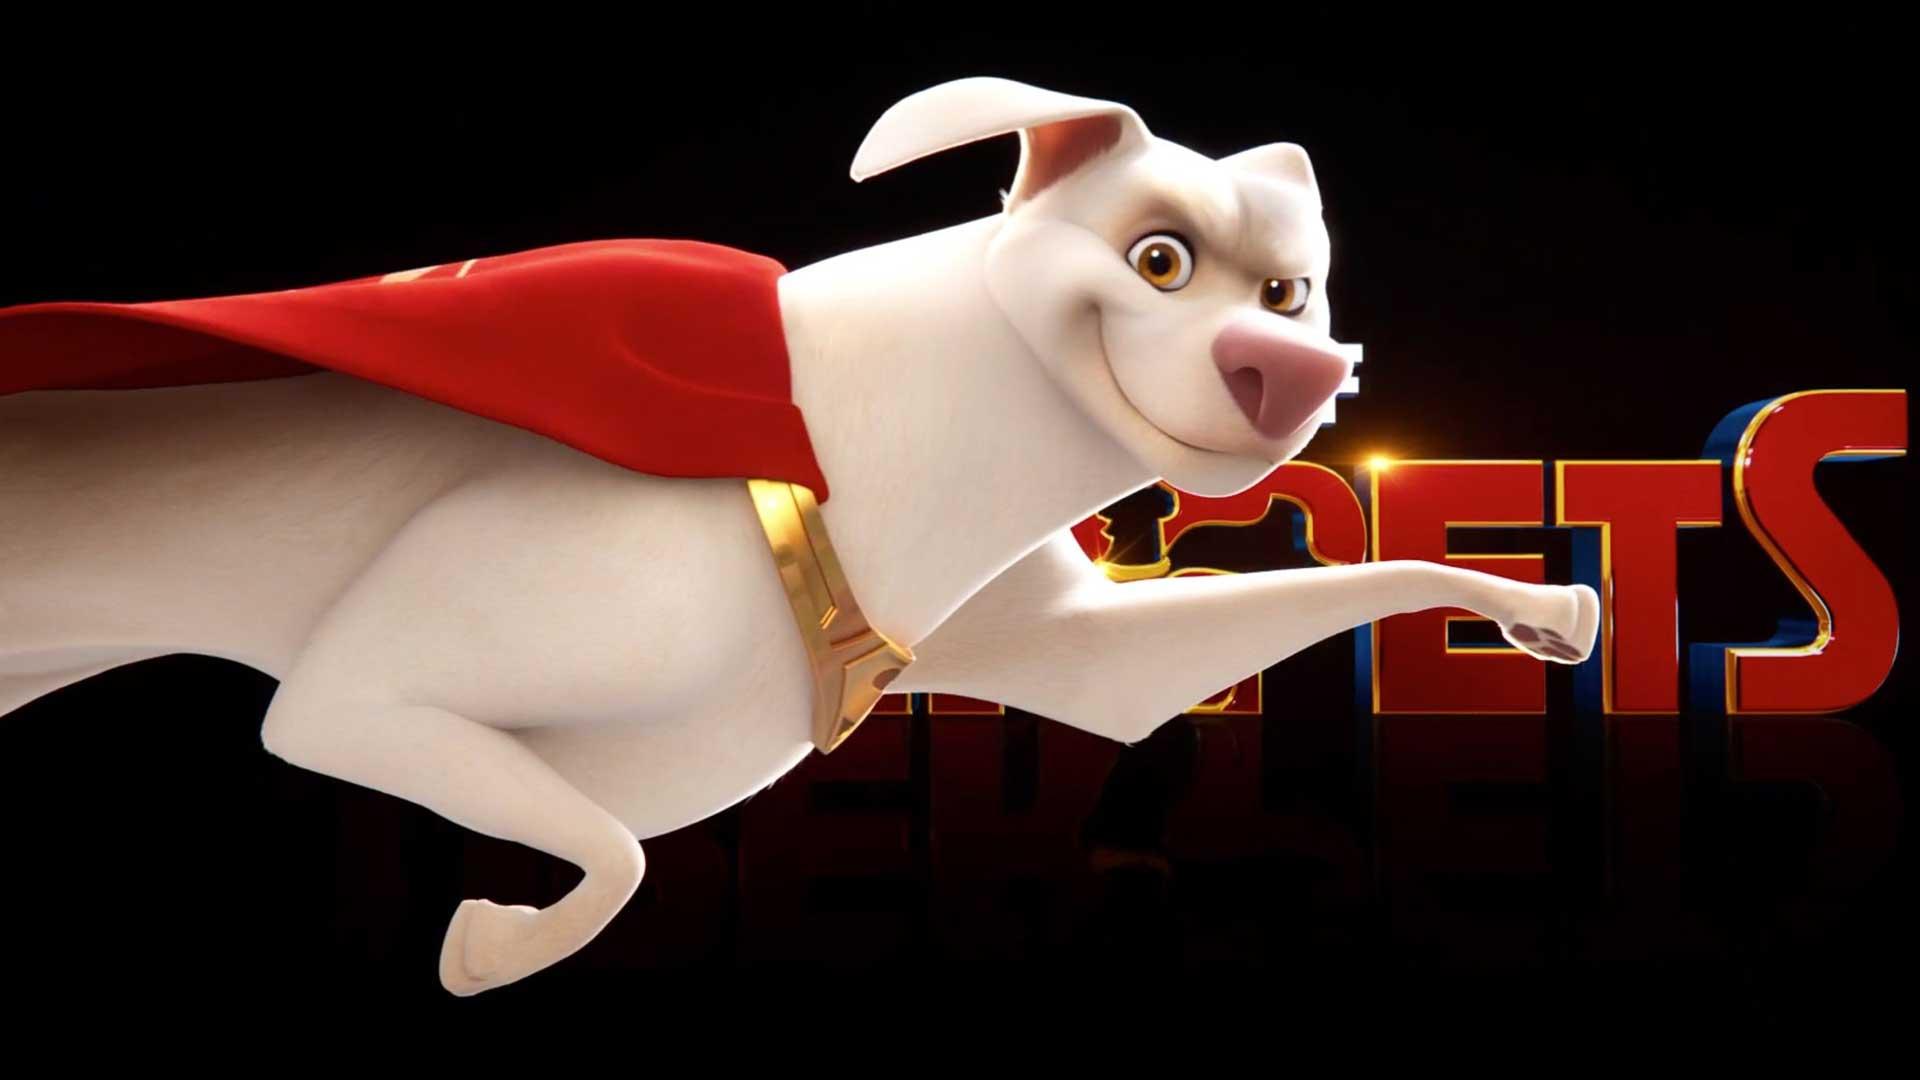 تیم بازیگری پرستاره انیمیشن DC League of Super Pets معرفی شد